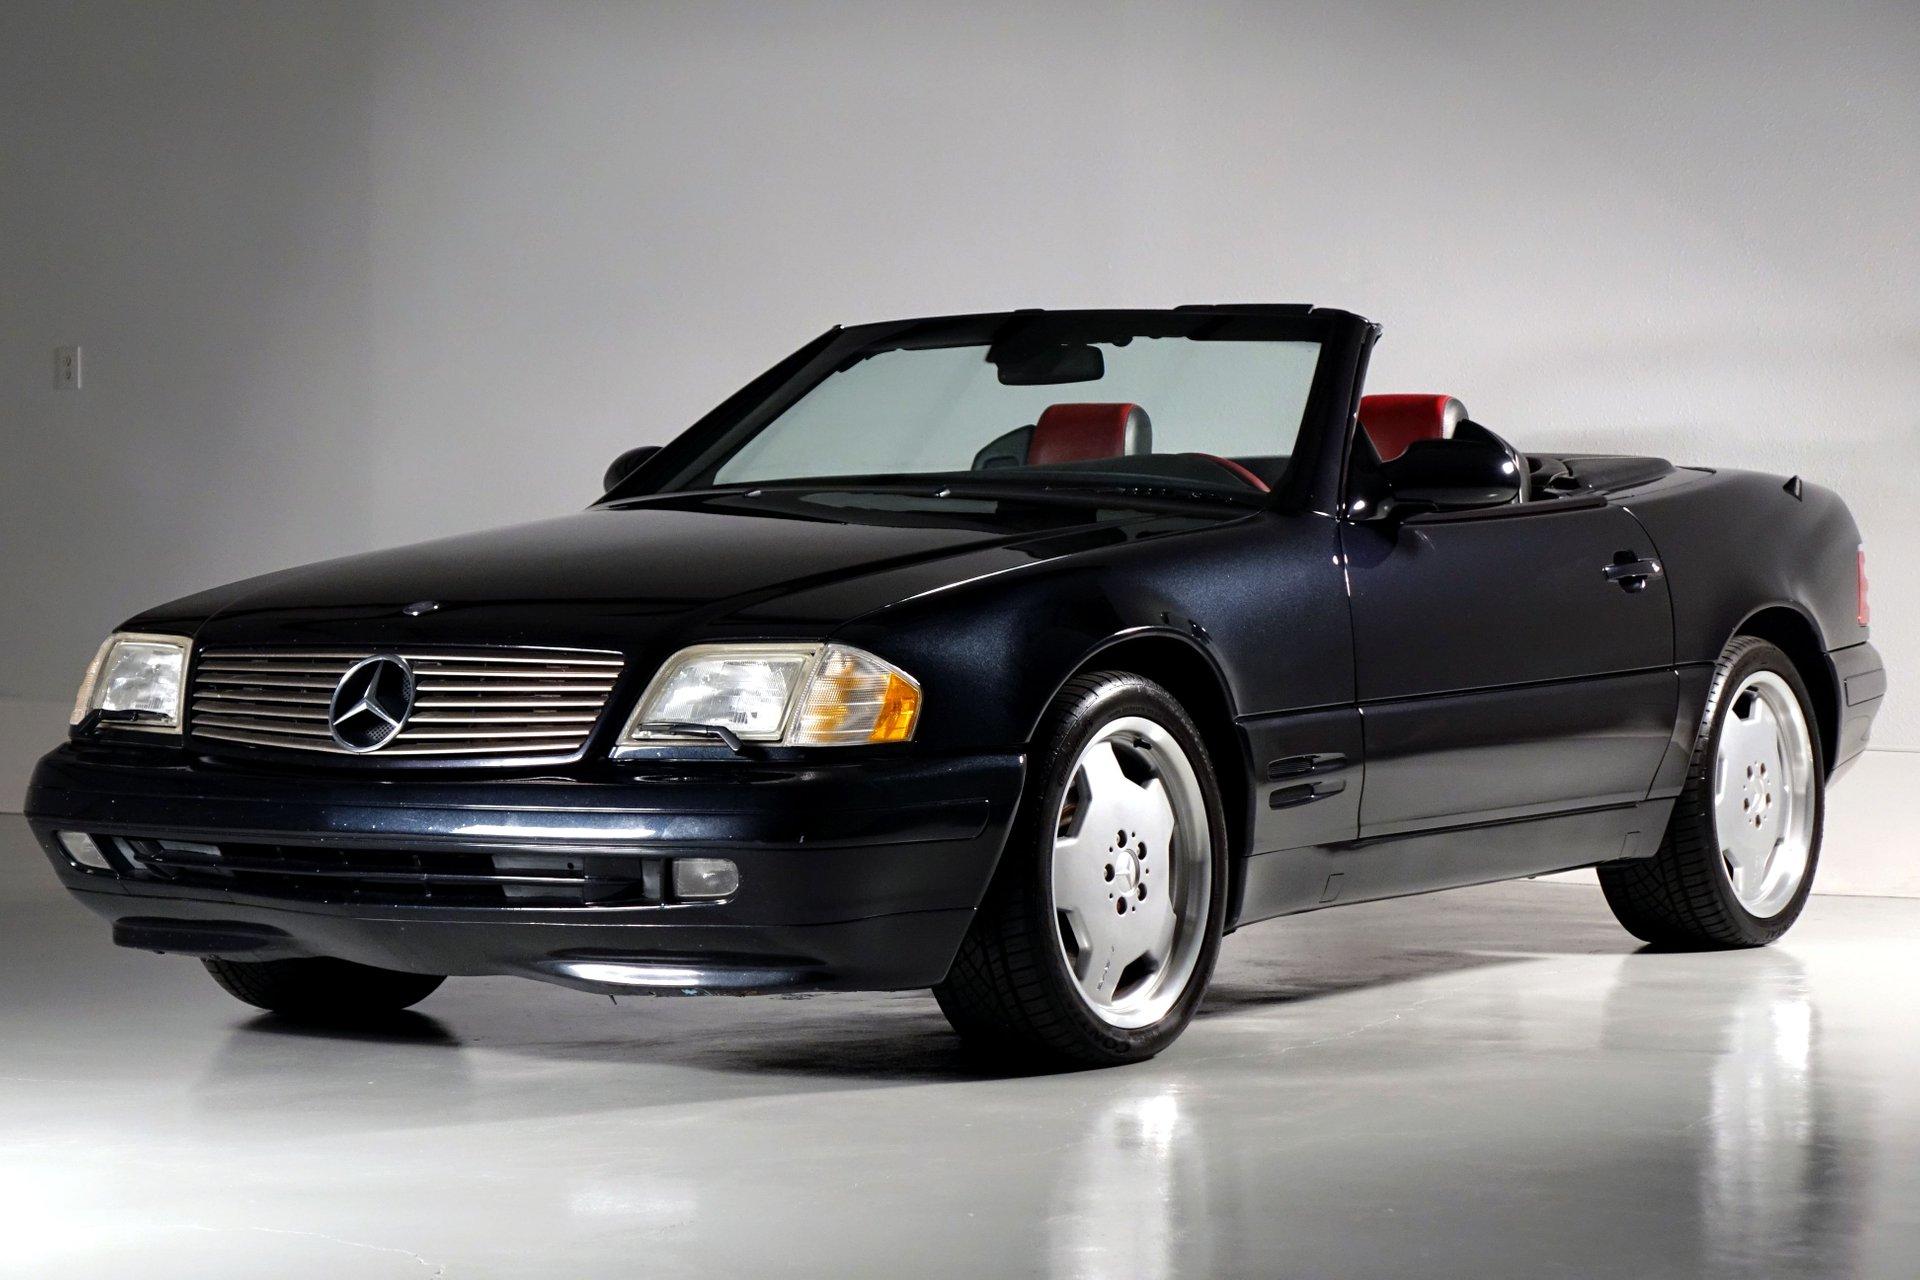 2000 mercedes benz sl class 2dr roadster 5 0l